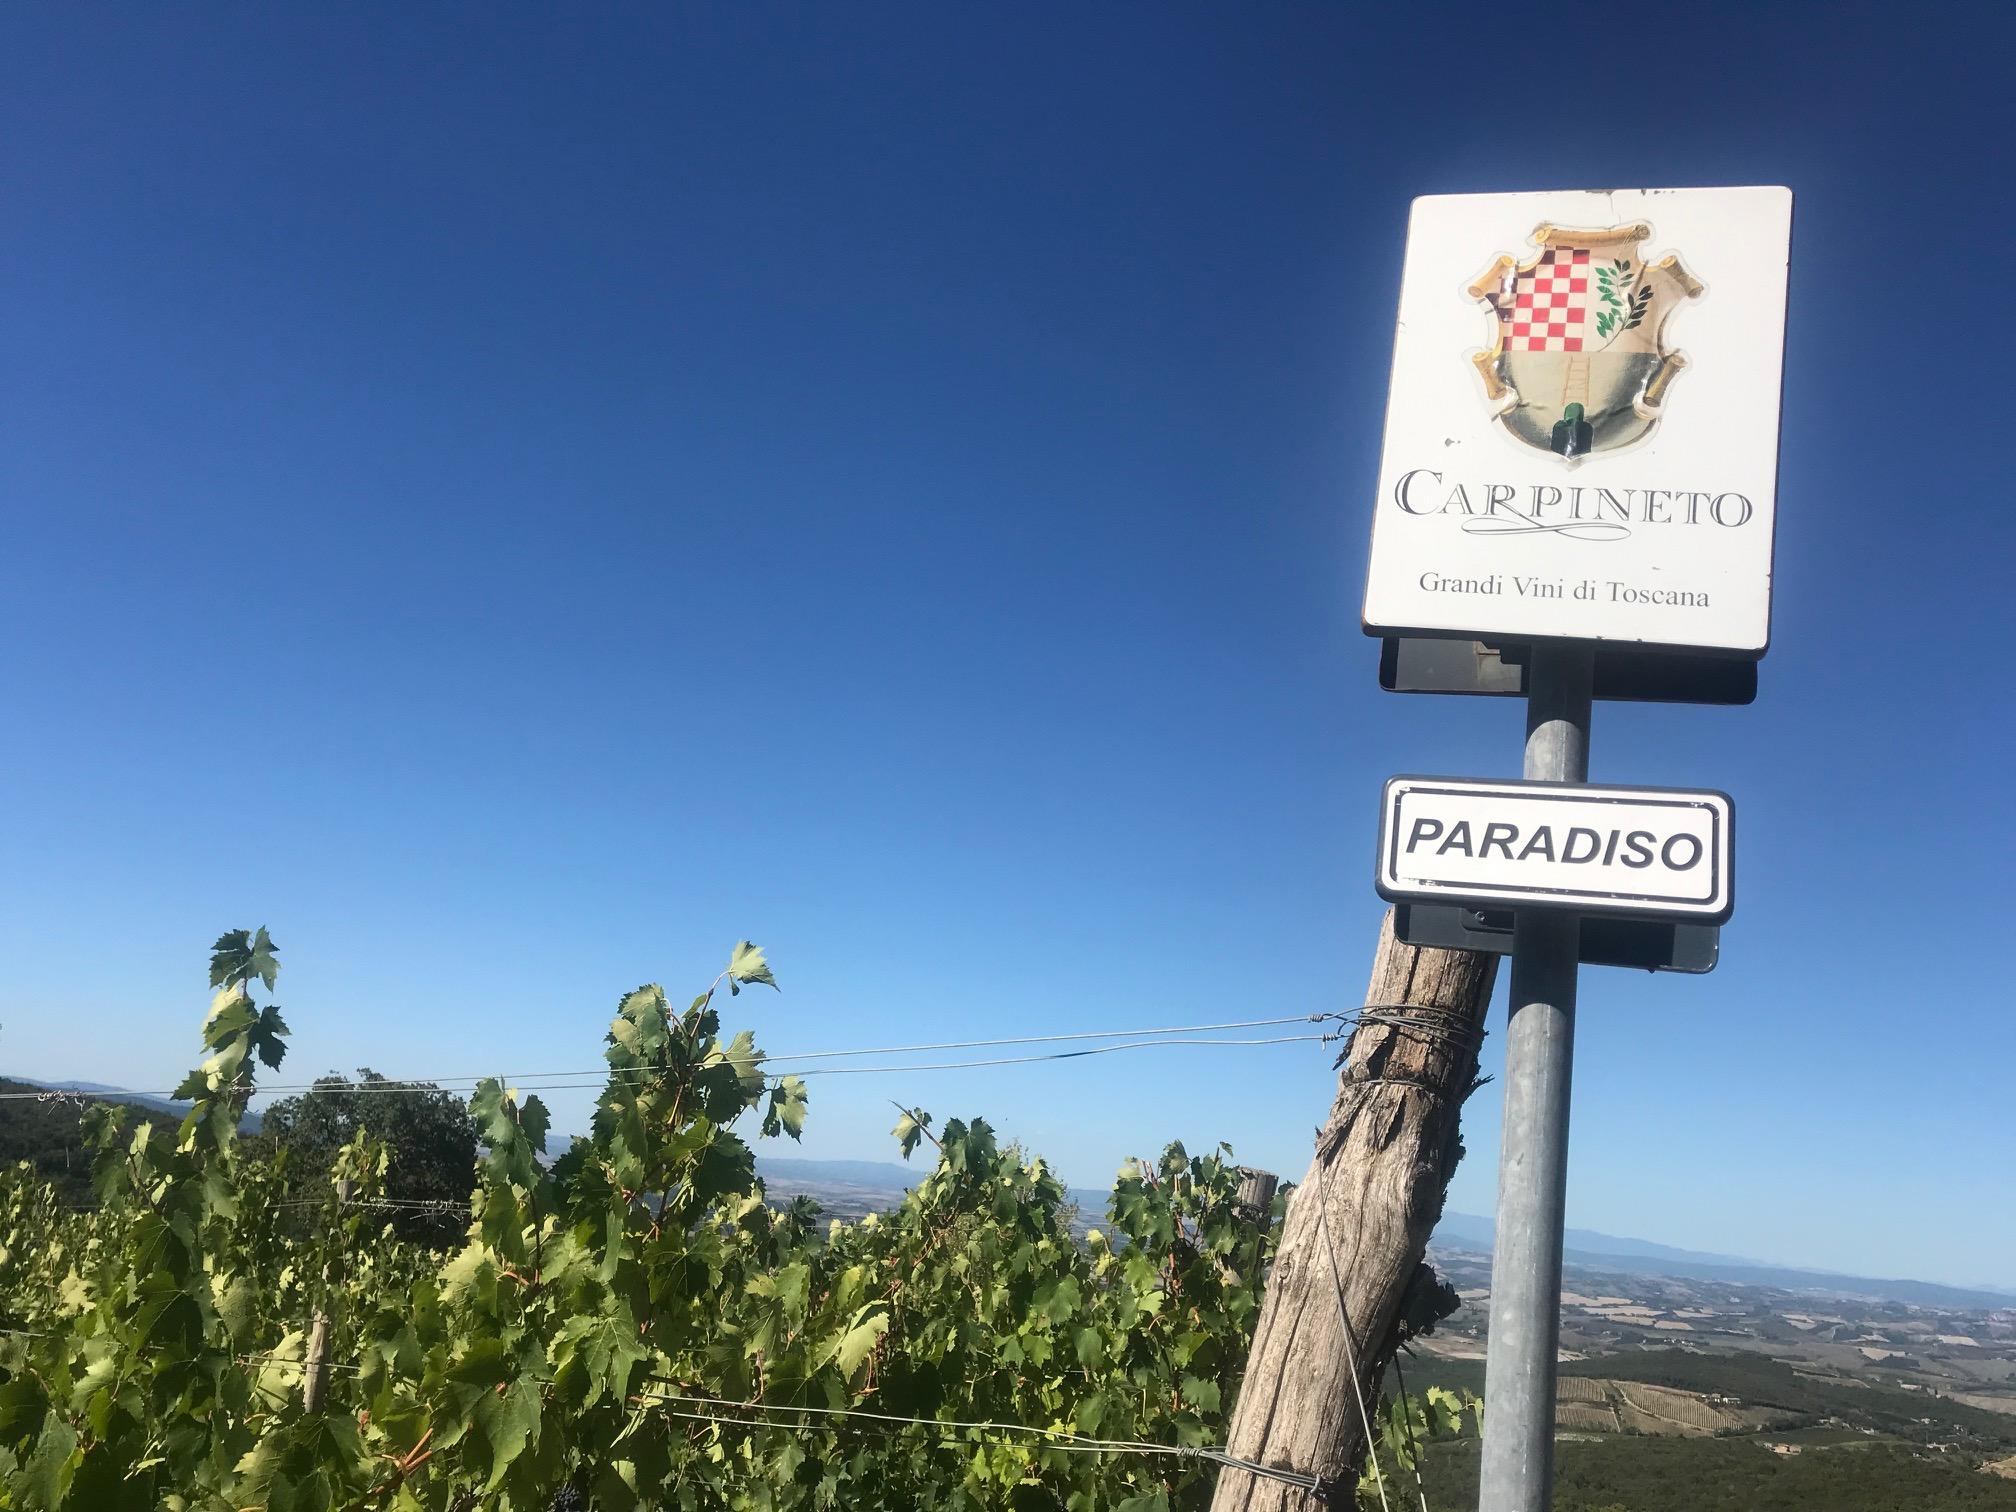 Debutto della prima Riserva Brunello di Montalcino di Carpineto e l'emozione già vola alta